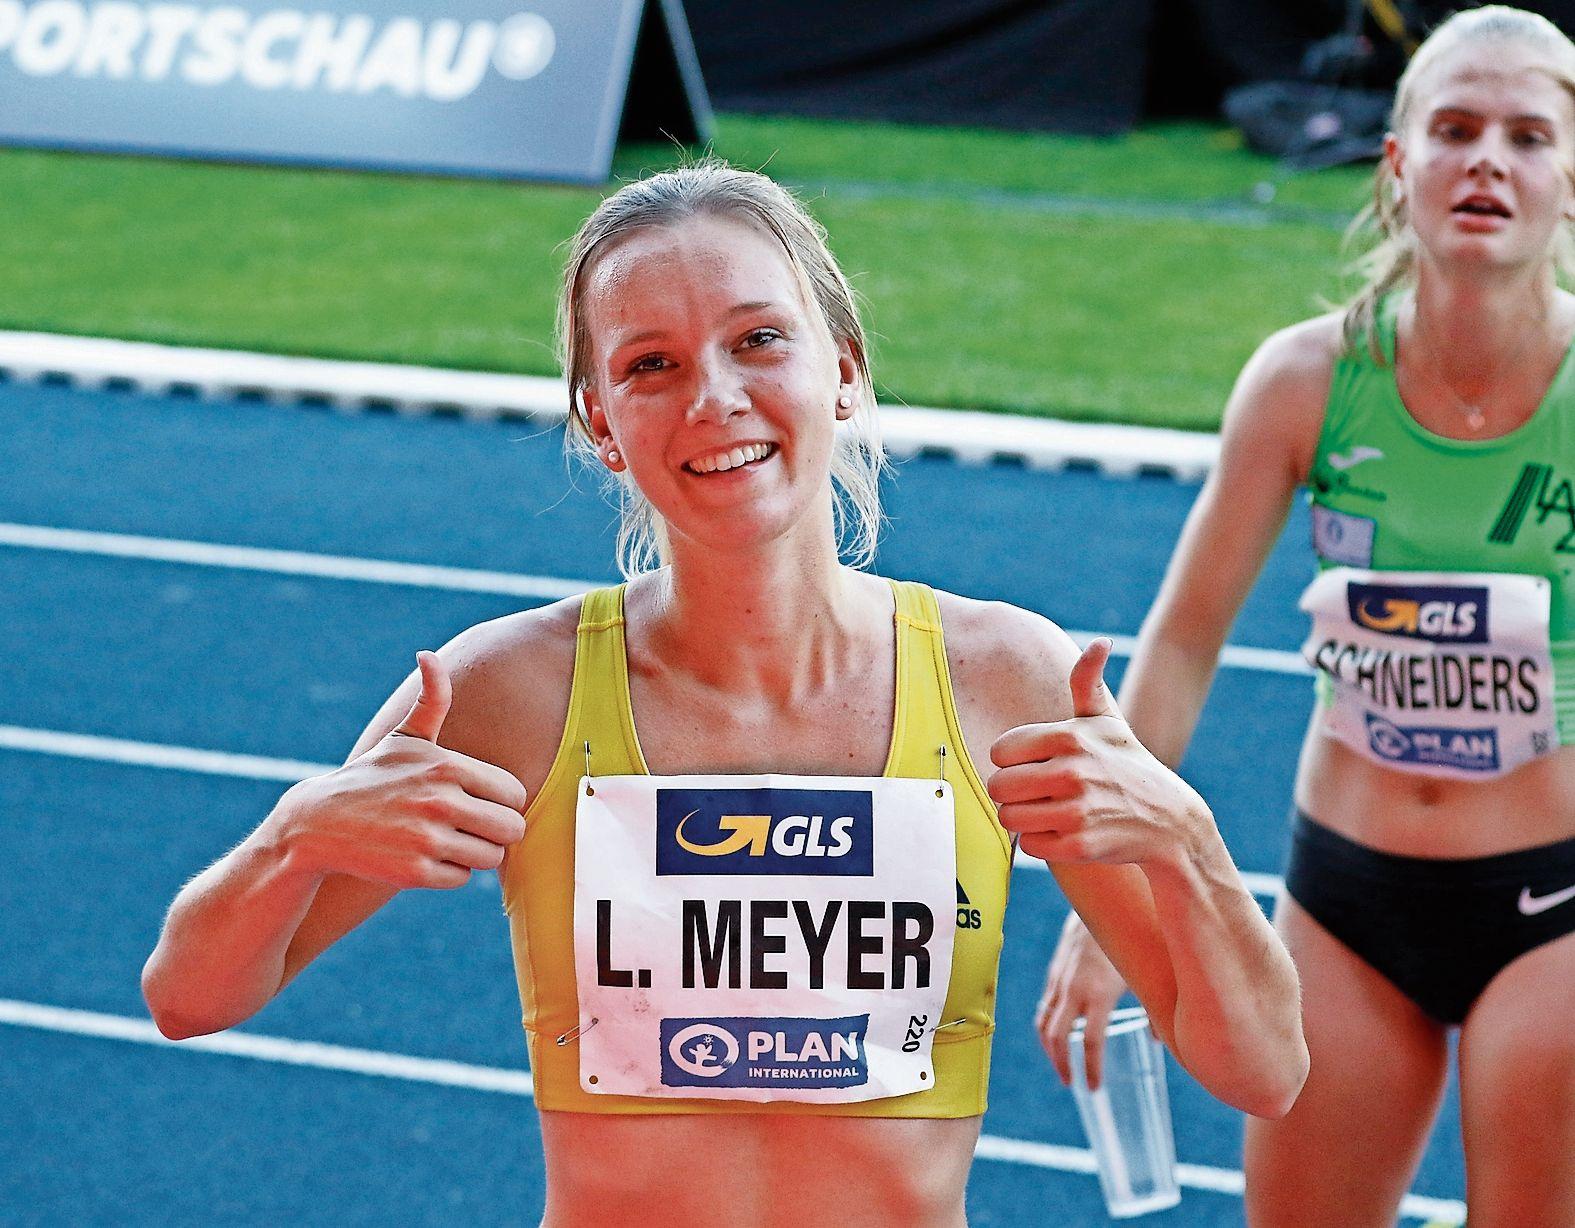 Daumen hoch: Lea Meyer darf in nächsten Woche bei der Hallen-EM über 3000 Meter starten. Archivfoto: Prepens